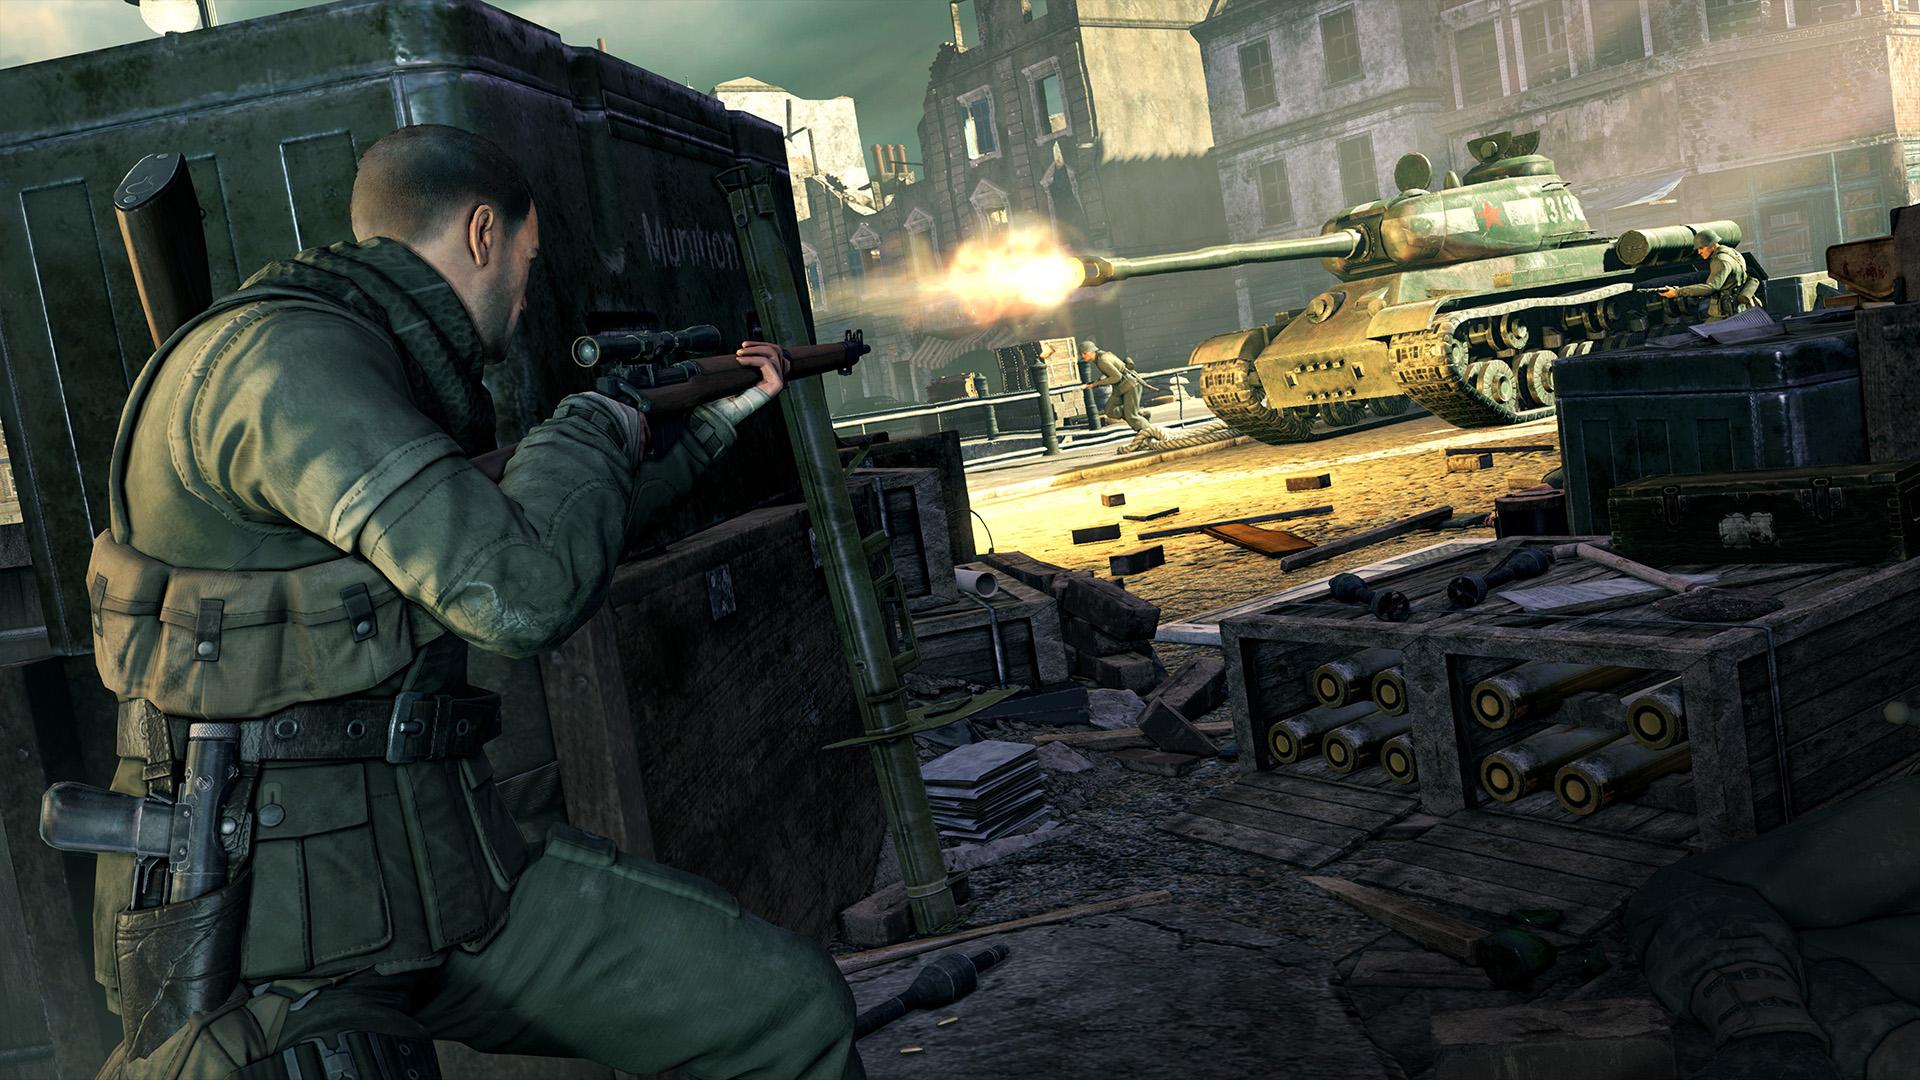 Link Tải Game Sniper Elite V2 Remastered Miễn Phí